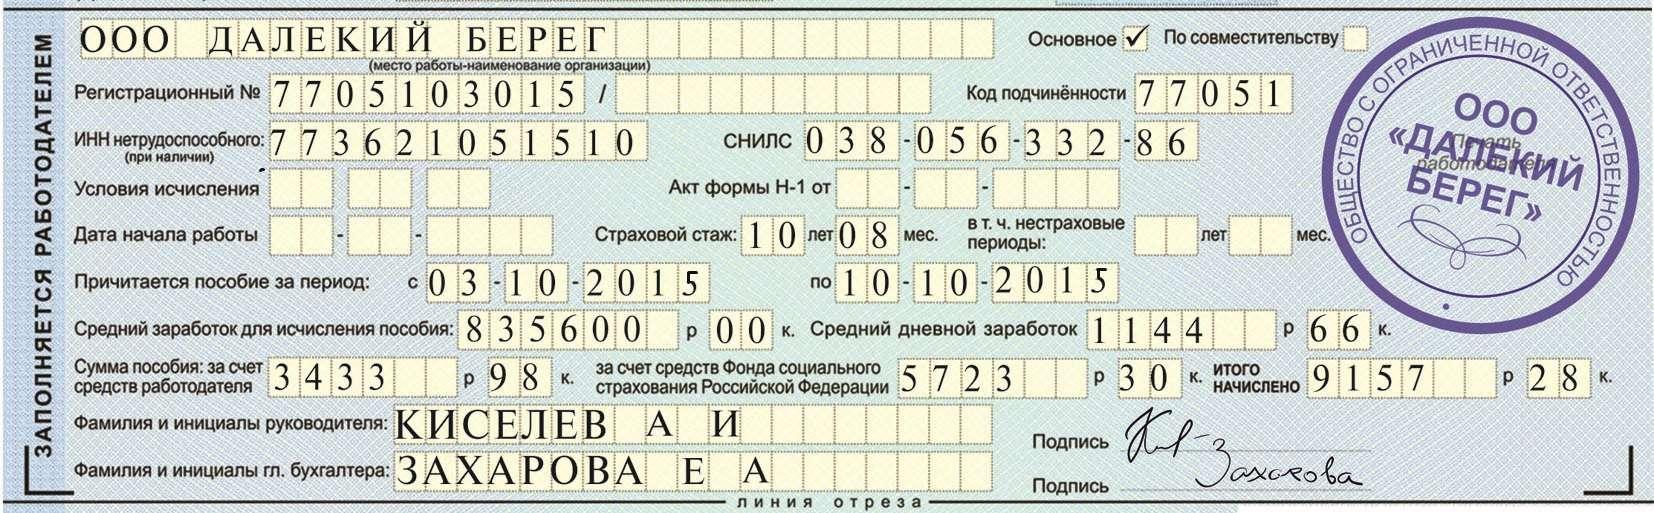 Как правильно оформить больничный лист кадровику медицинская академия имени павловасанкт-петербург